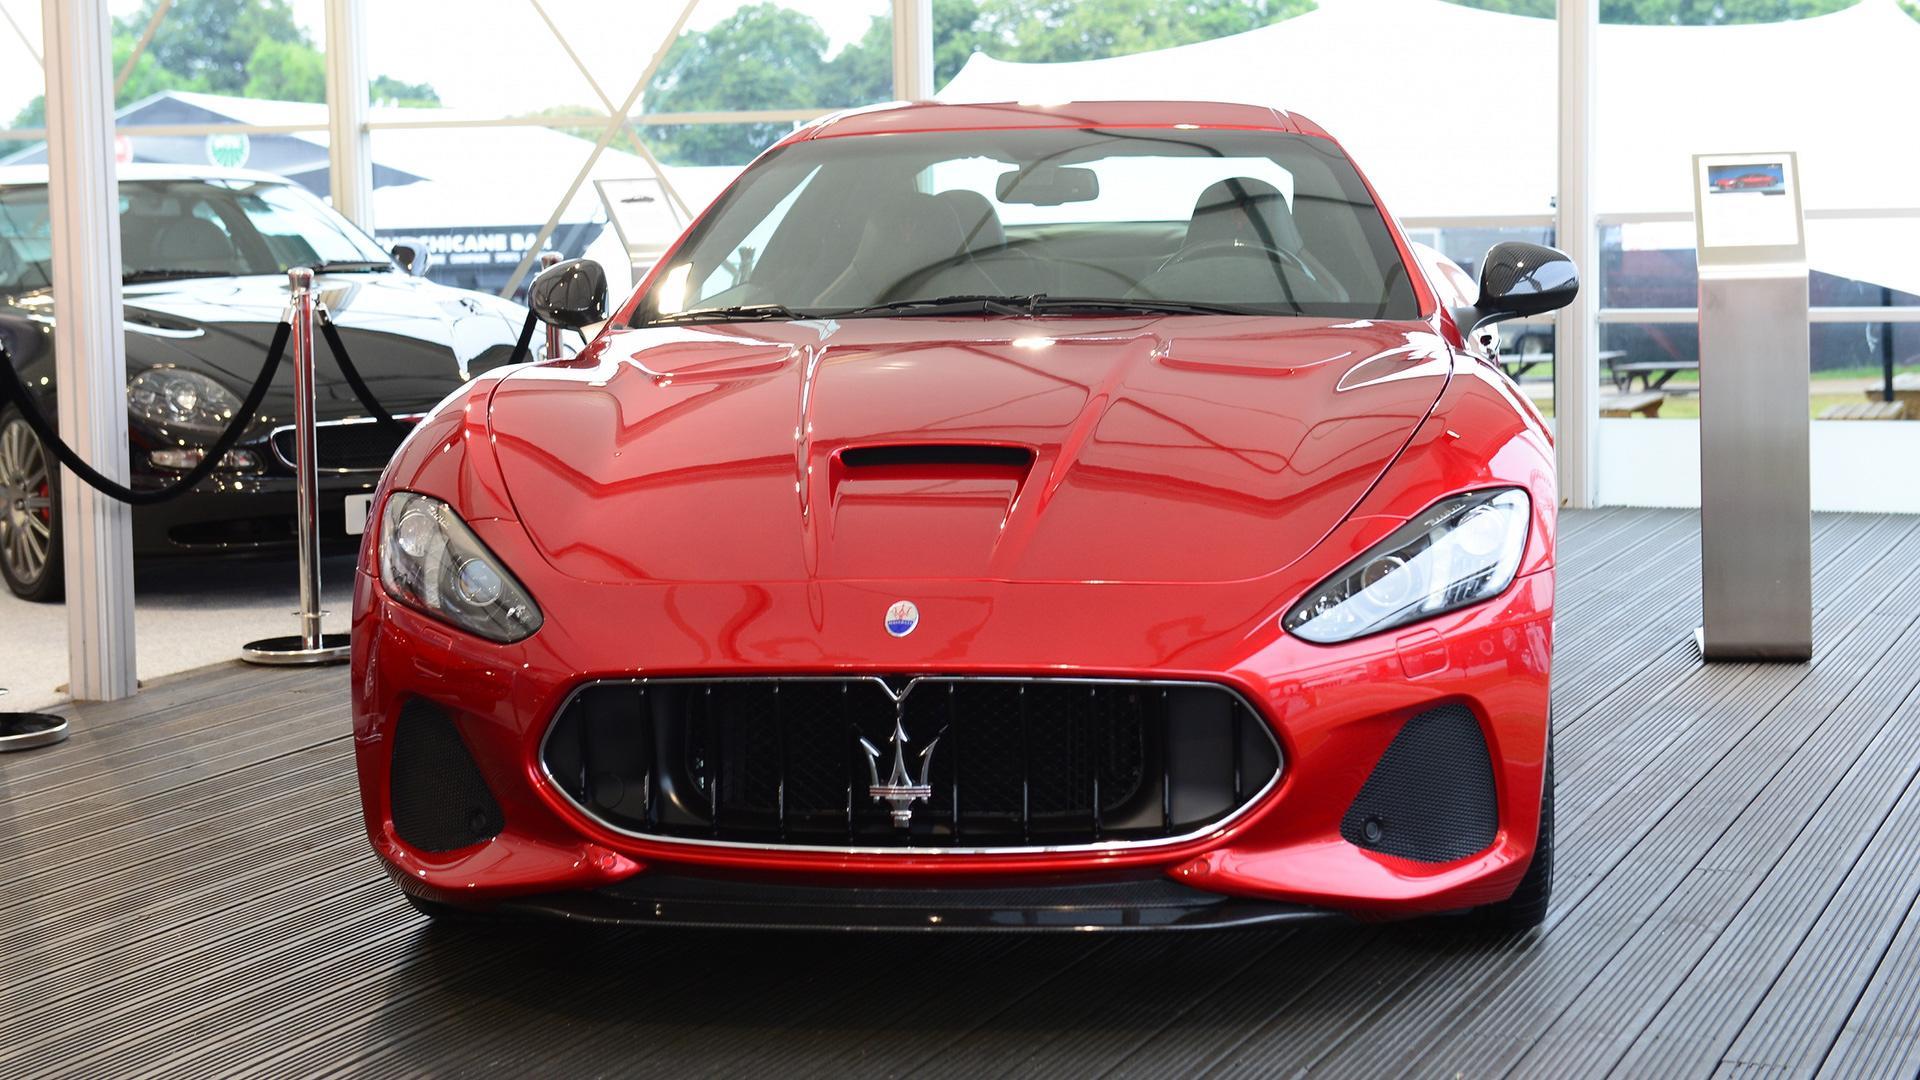 Next Gen Maserati Granturismo Coming In 2020